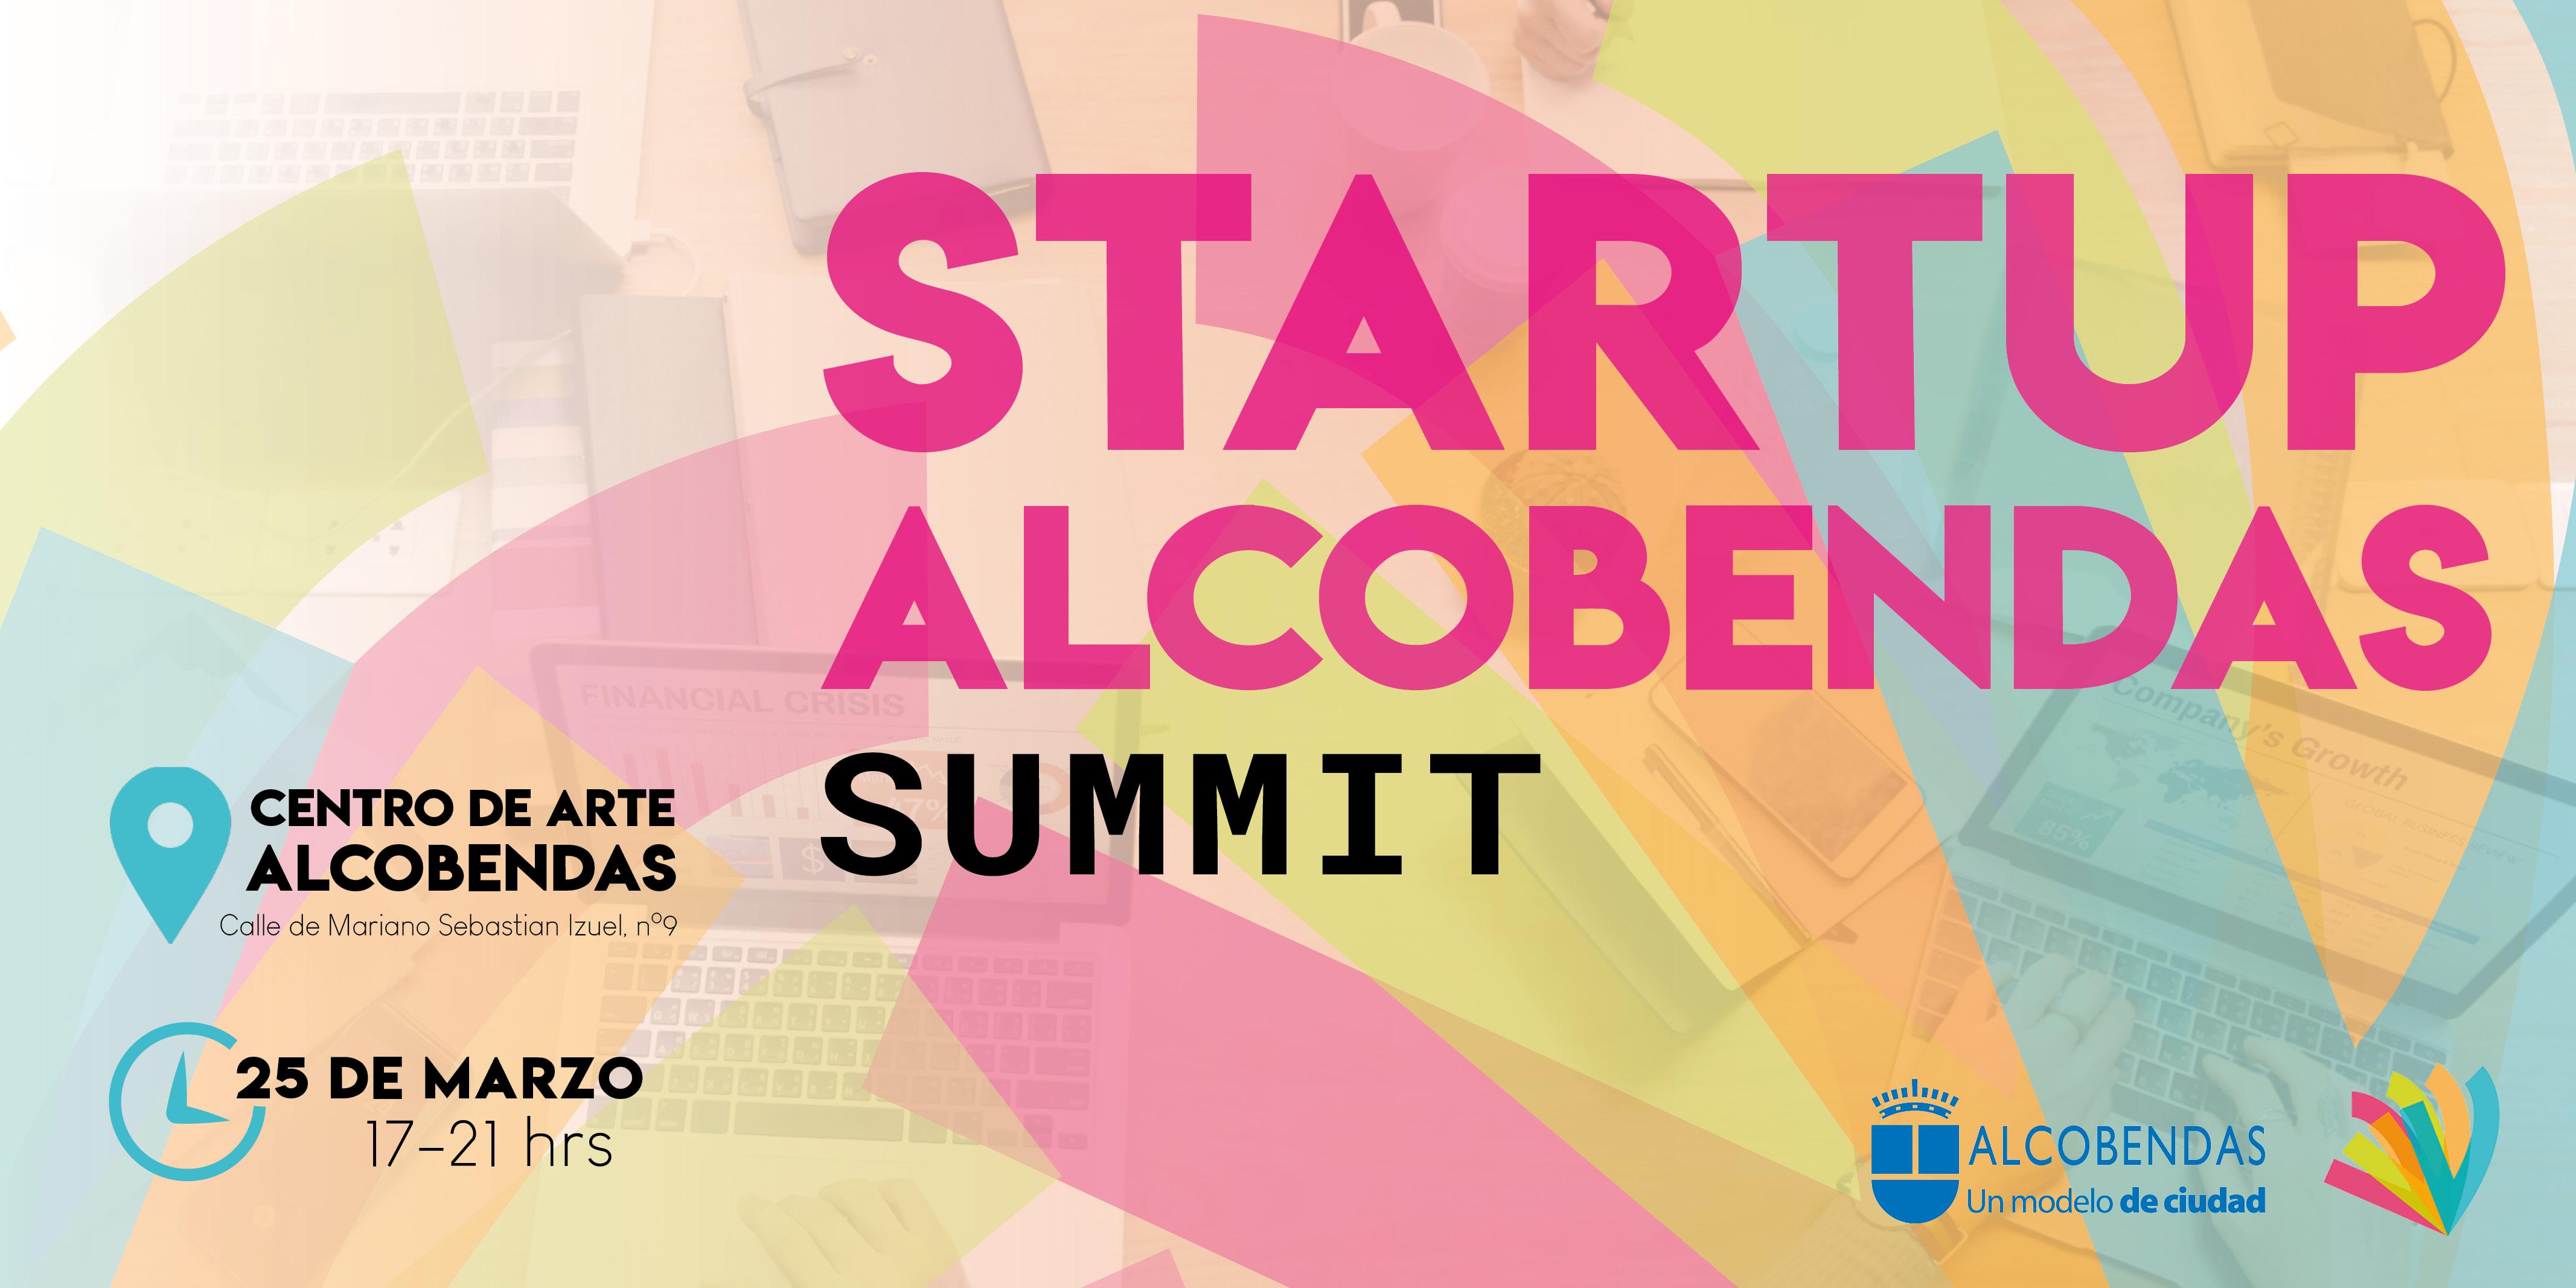 La aceleradora Startups Alcobendas lanza la I Edición de Startups Alcobendas Summit